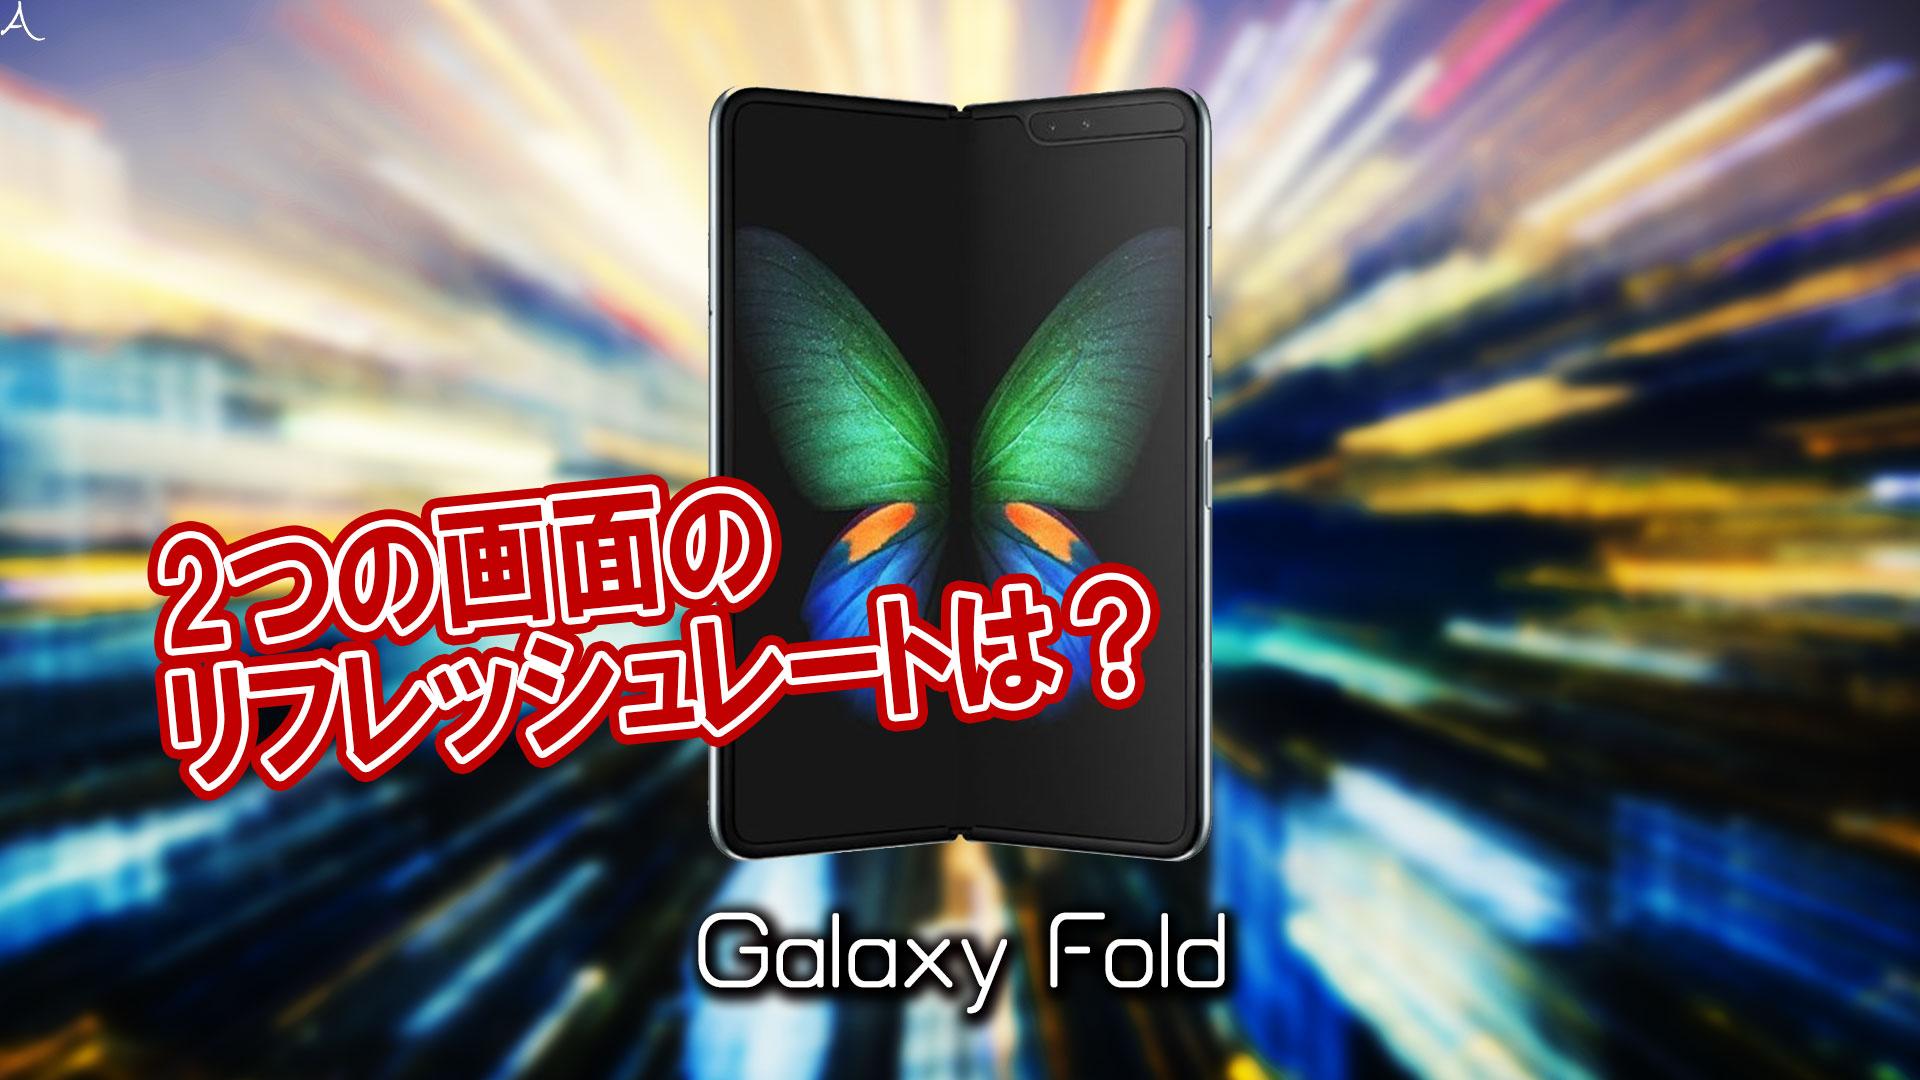 「Galaxy Fold」のリフレッシュレートはいくつ?120Hzには対応してる?